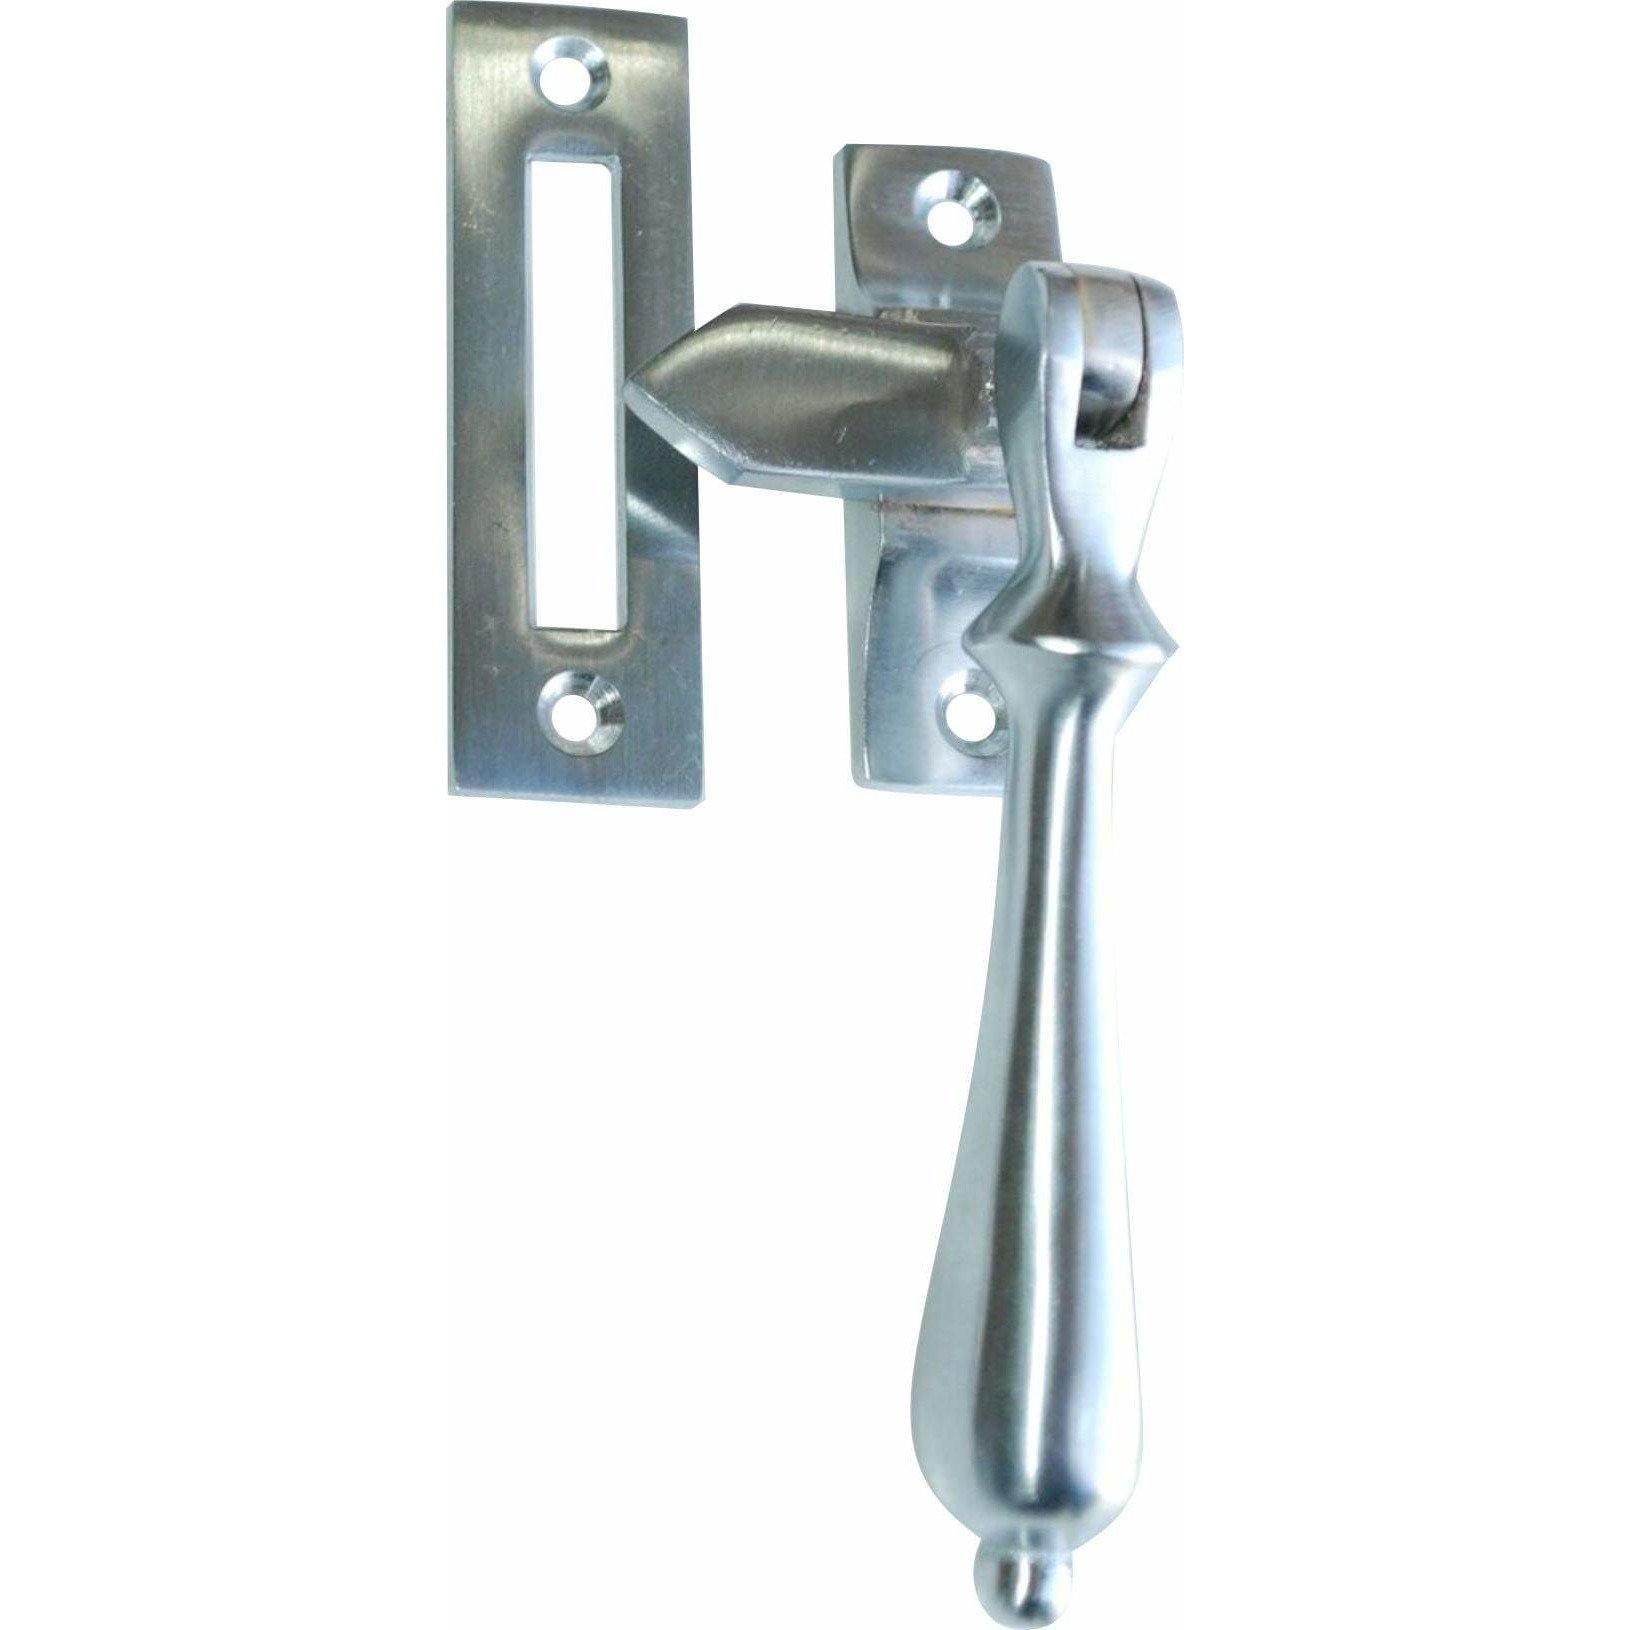 Tear drop shaped window handle